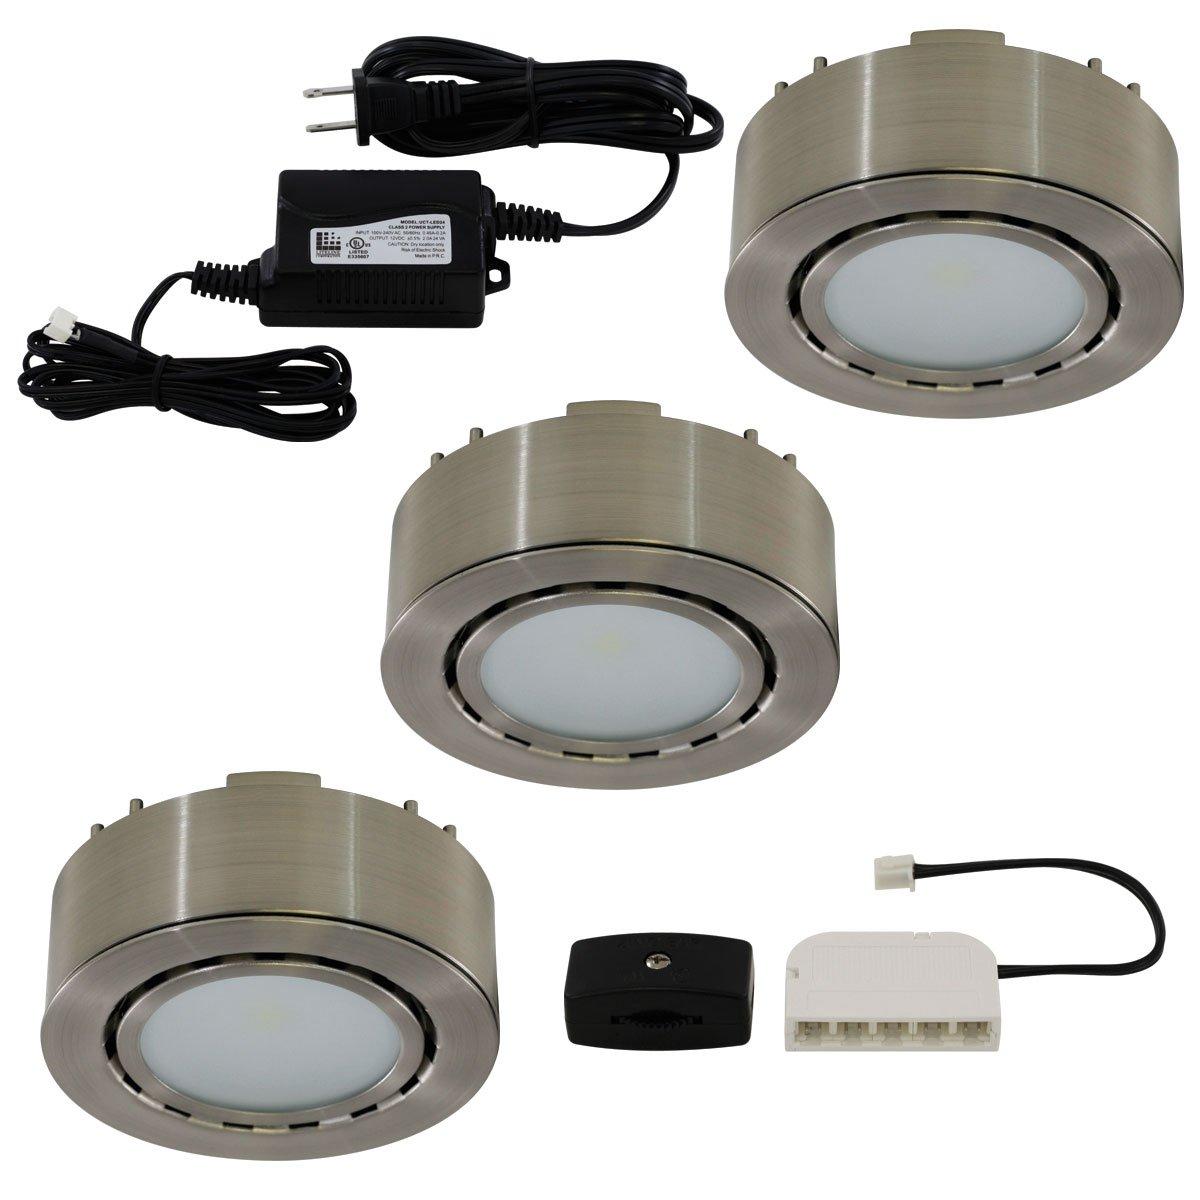 Liteline UCP-LED3-MN LED Three-Light Puck Kit, 12V, Matte Nickel